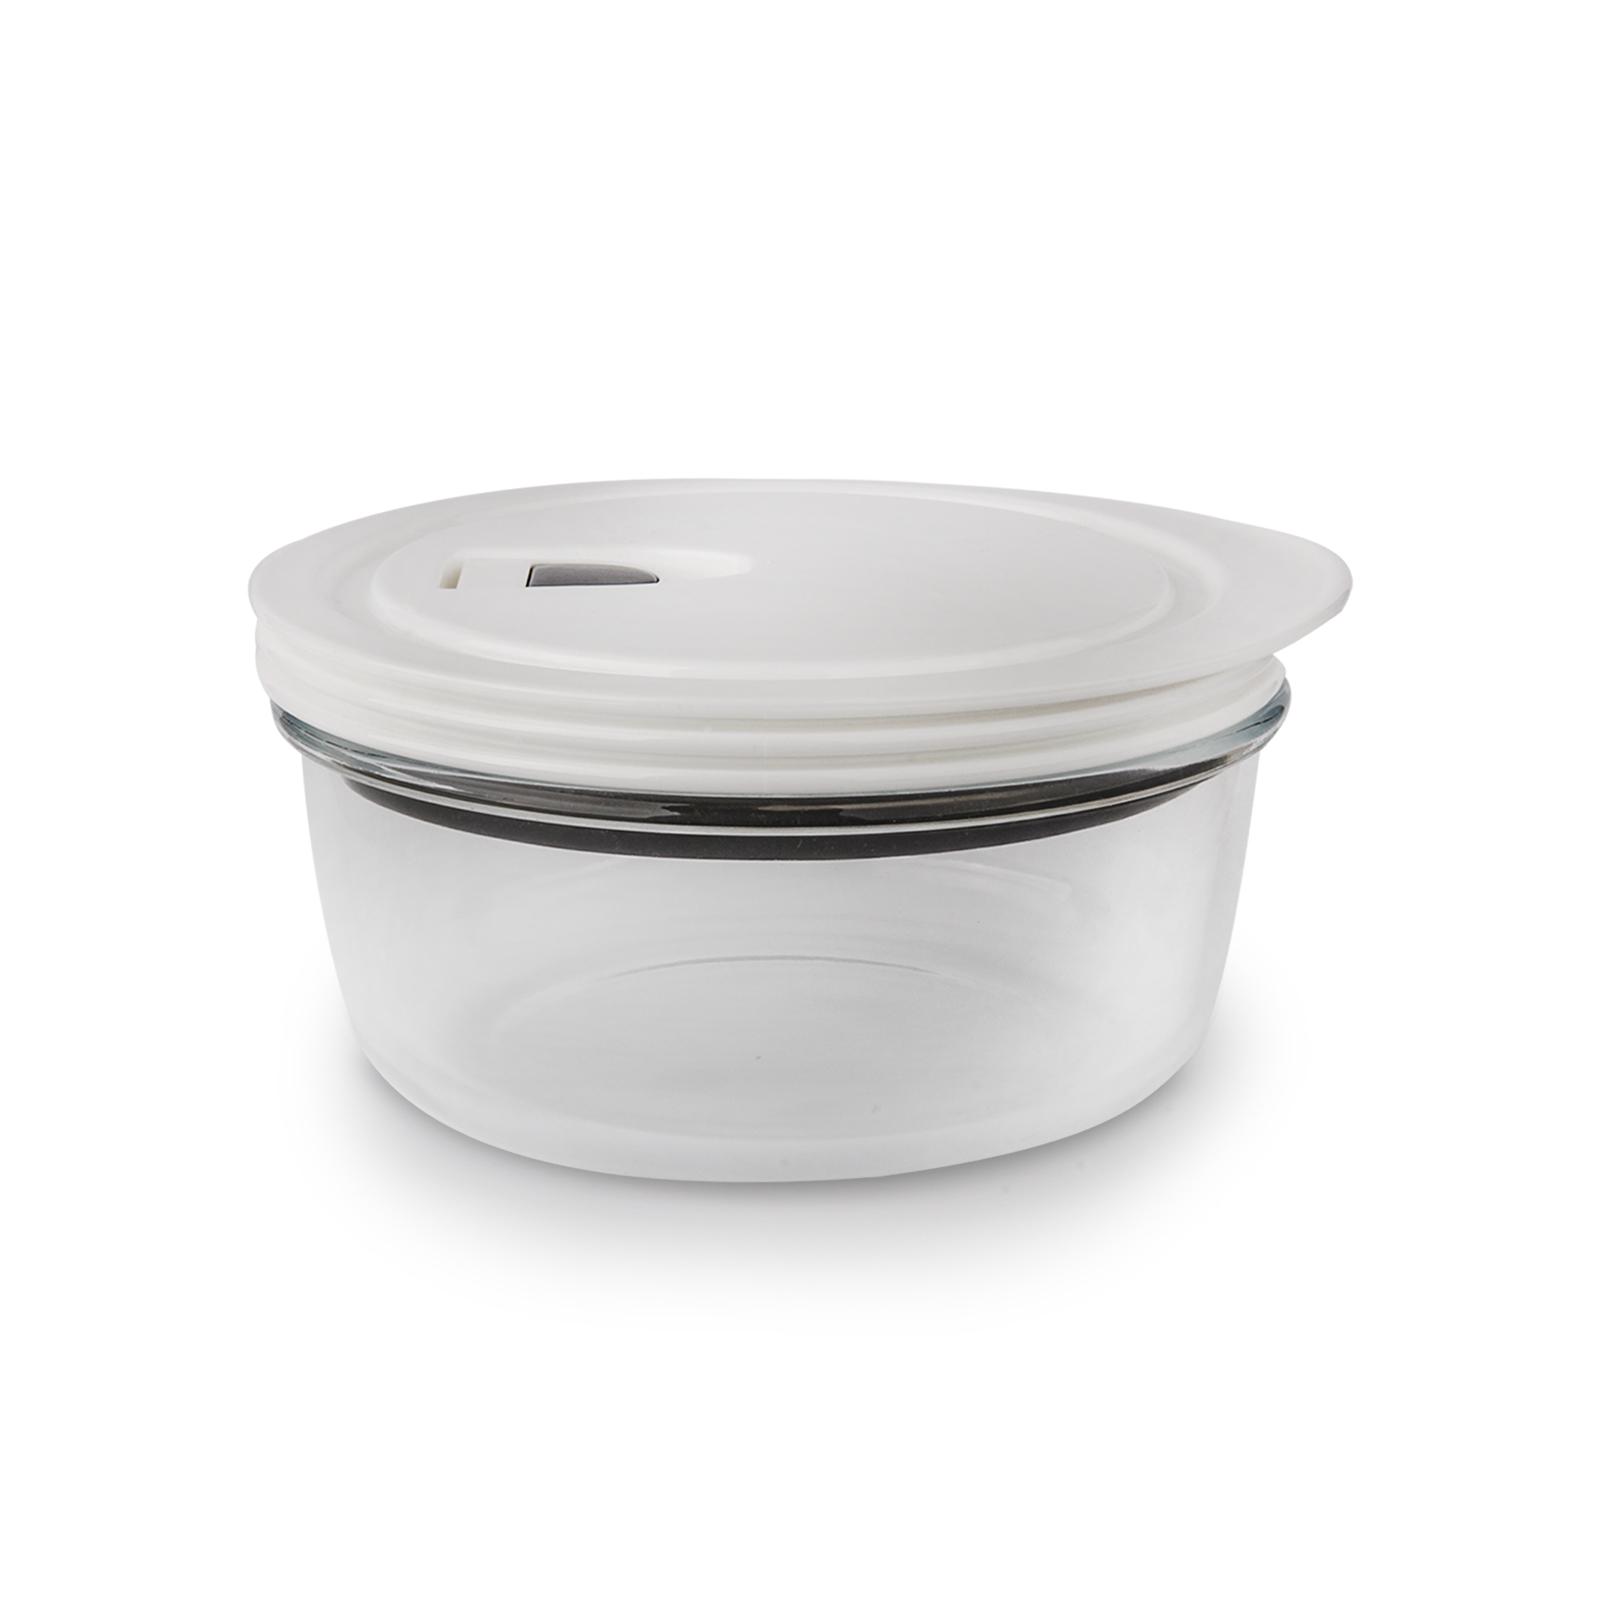 Cookplus White Saklama Kabı 0.39 Lt